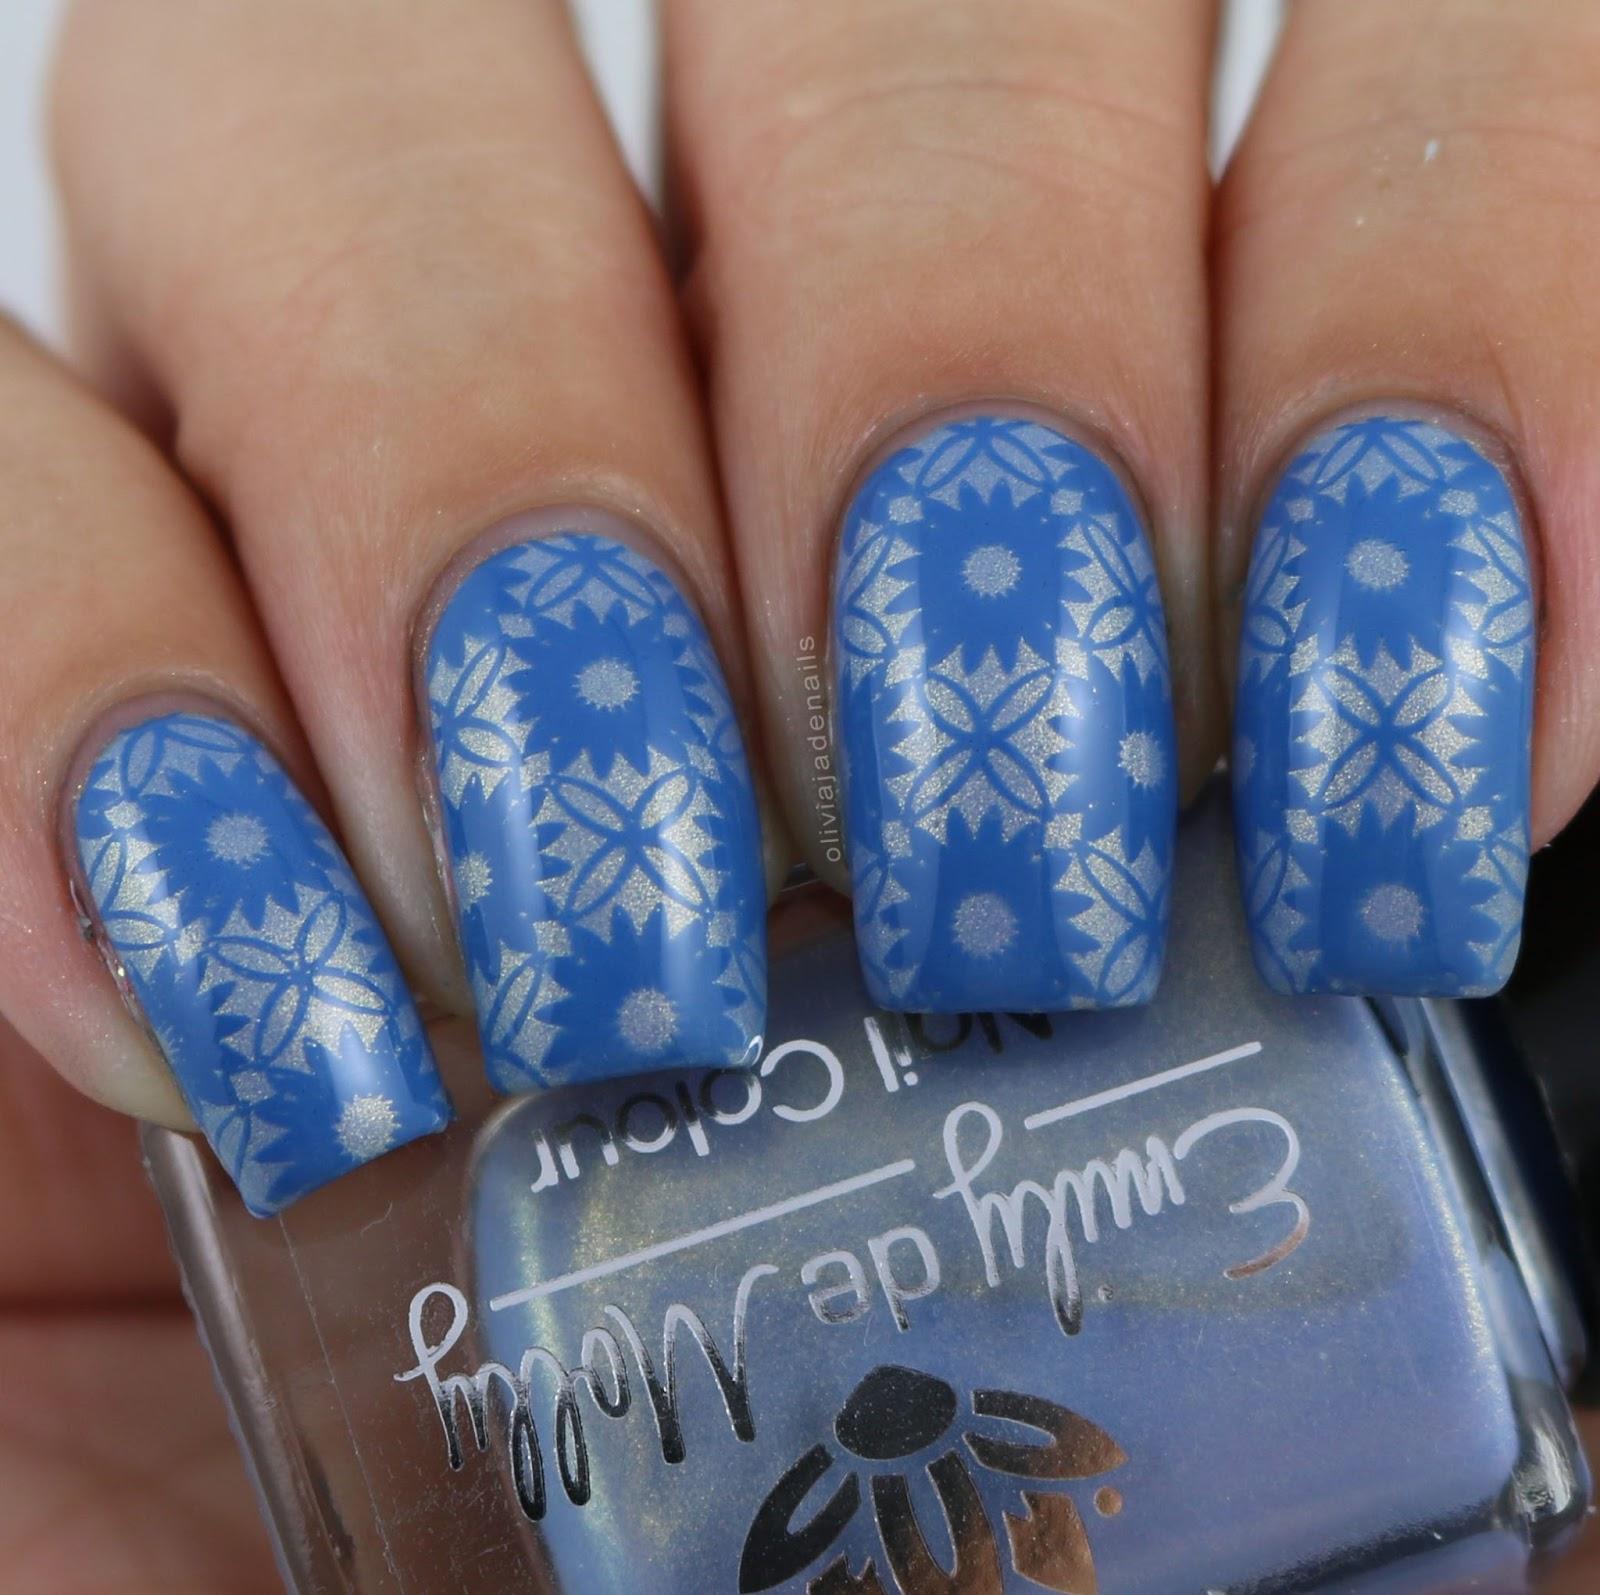 Olivia jade nails crumpets nail tarts 26 great nail art ideas blue floral prinsesfo Choice Image